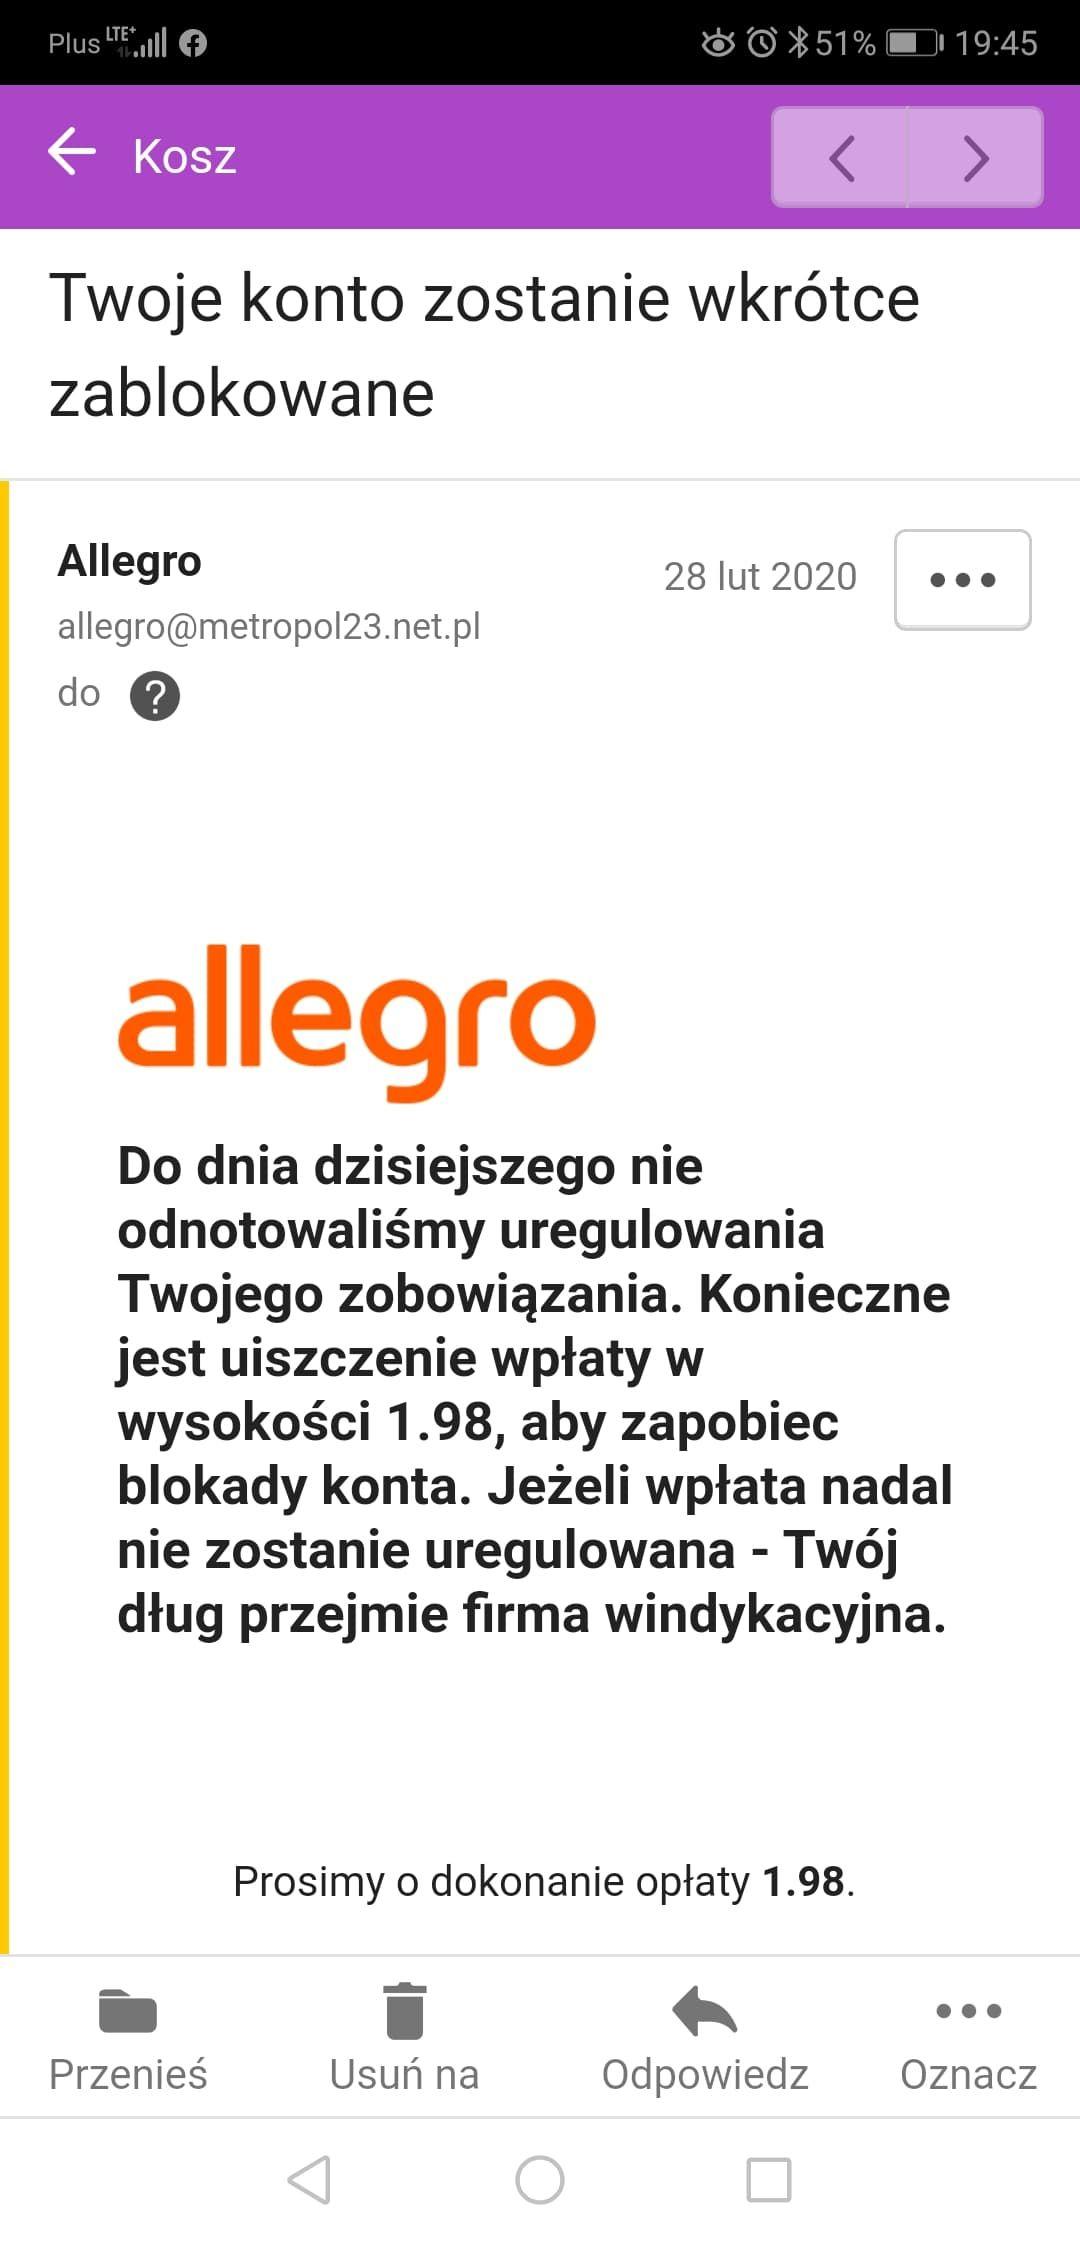 Rozwiazano Twoje Konto Zostanie Wkrotce Zablokowane Spolecznosc Allegro 6019